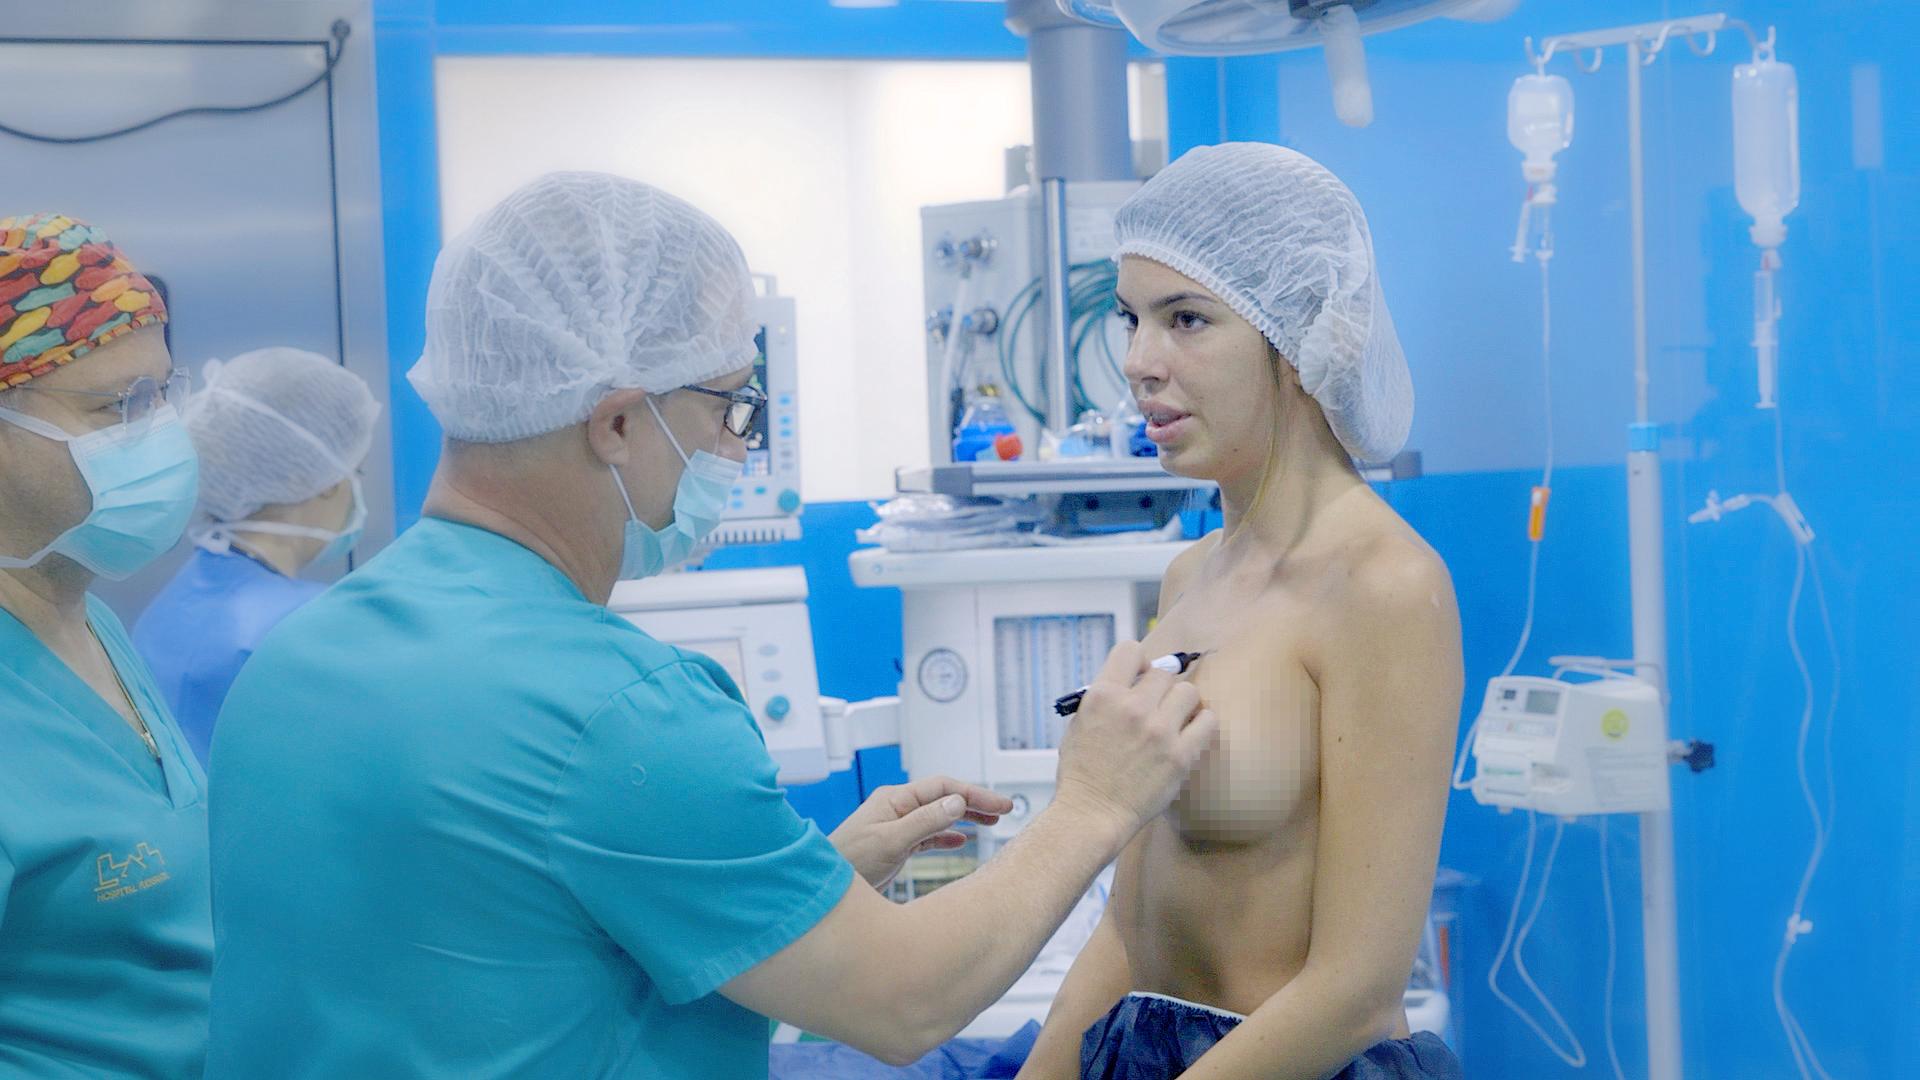 Andrea Gasca revela en exclusiva sus operaciones de cirugía estética